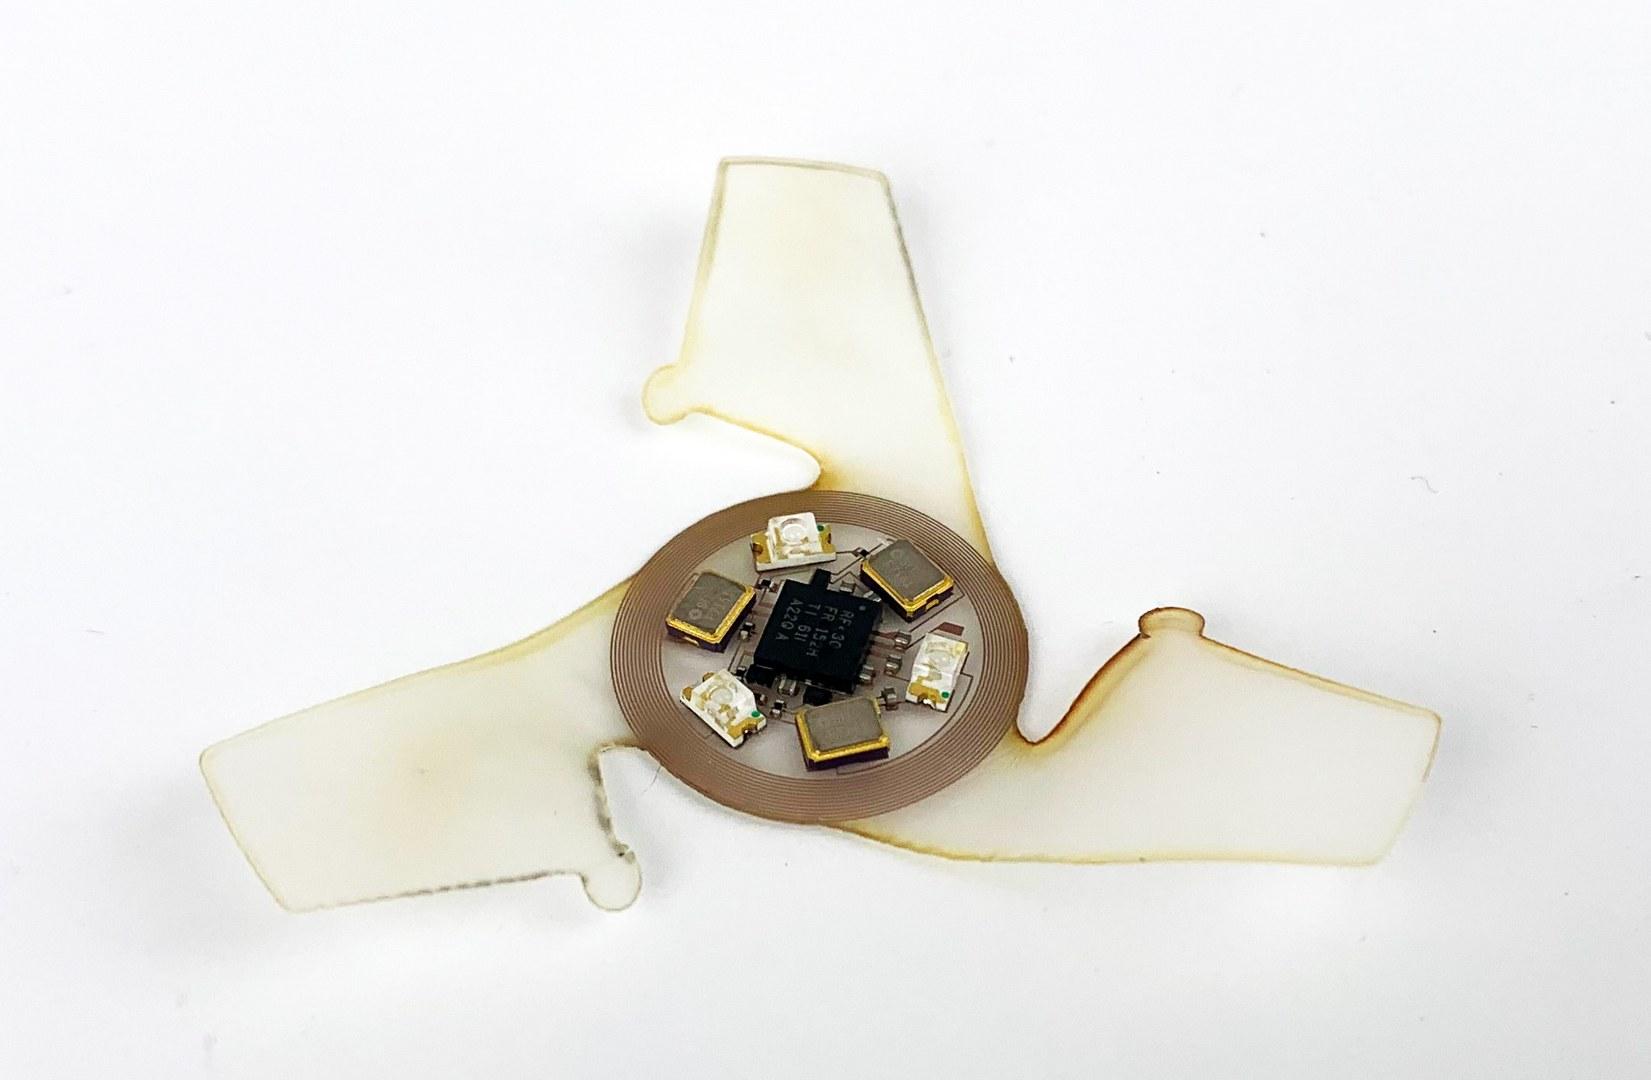 Инженеры создали микрофлаеры для мониторинга окружающей среды